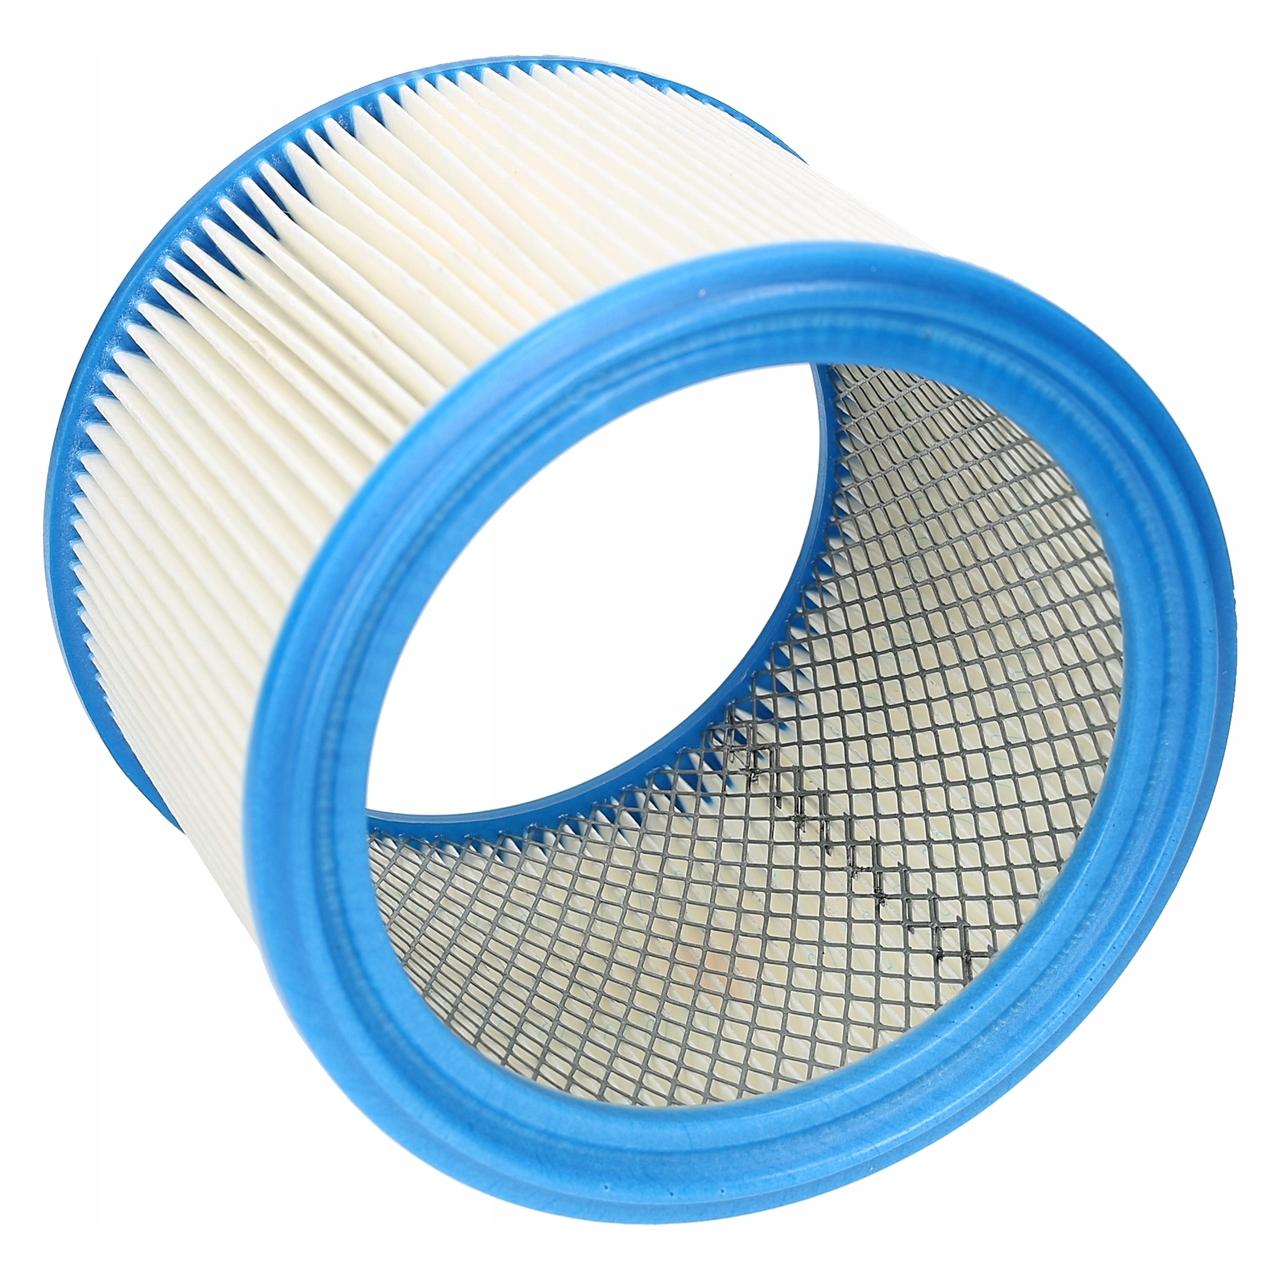 Filter pre vysávač Nilfisk Wap Alto SQ 650-11 EPA